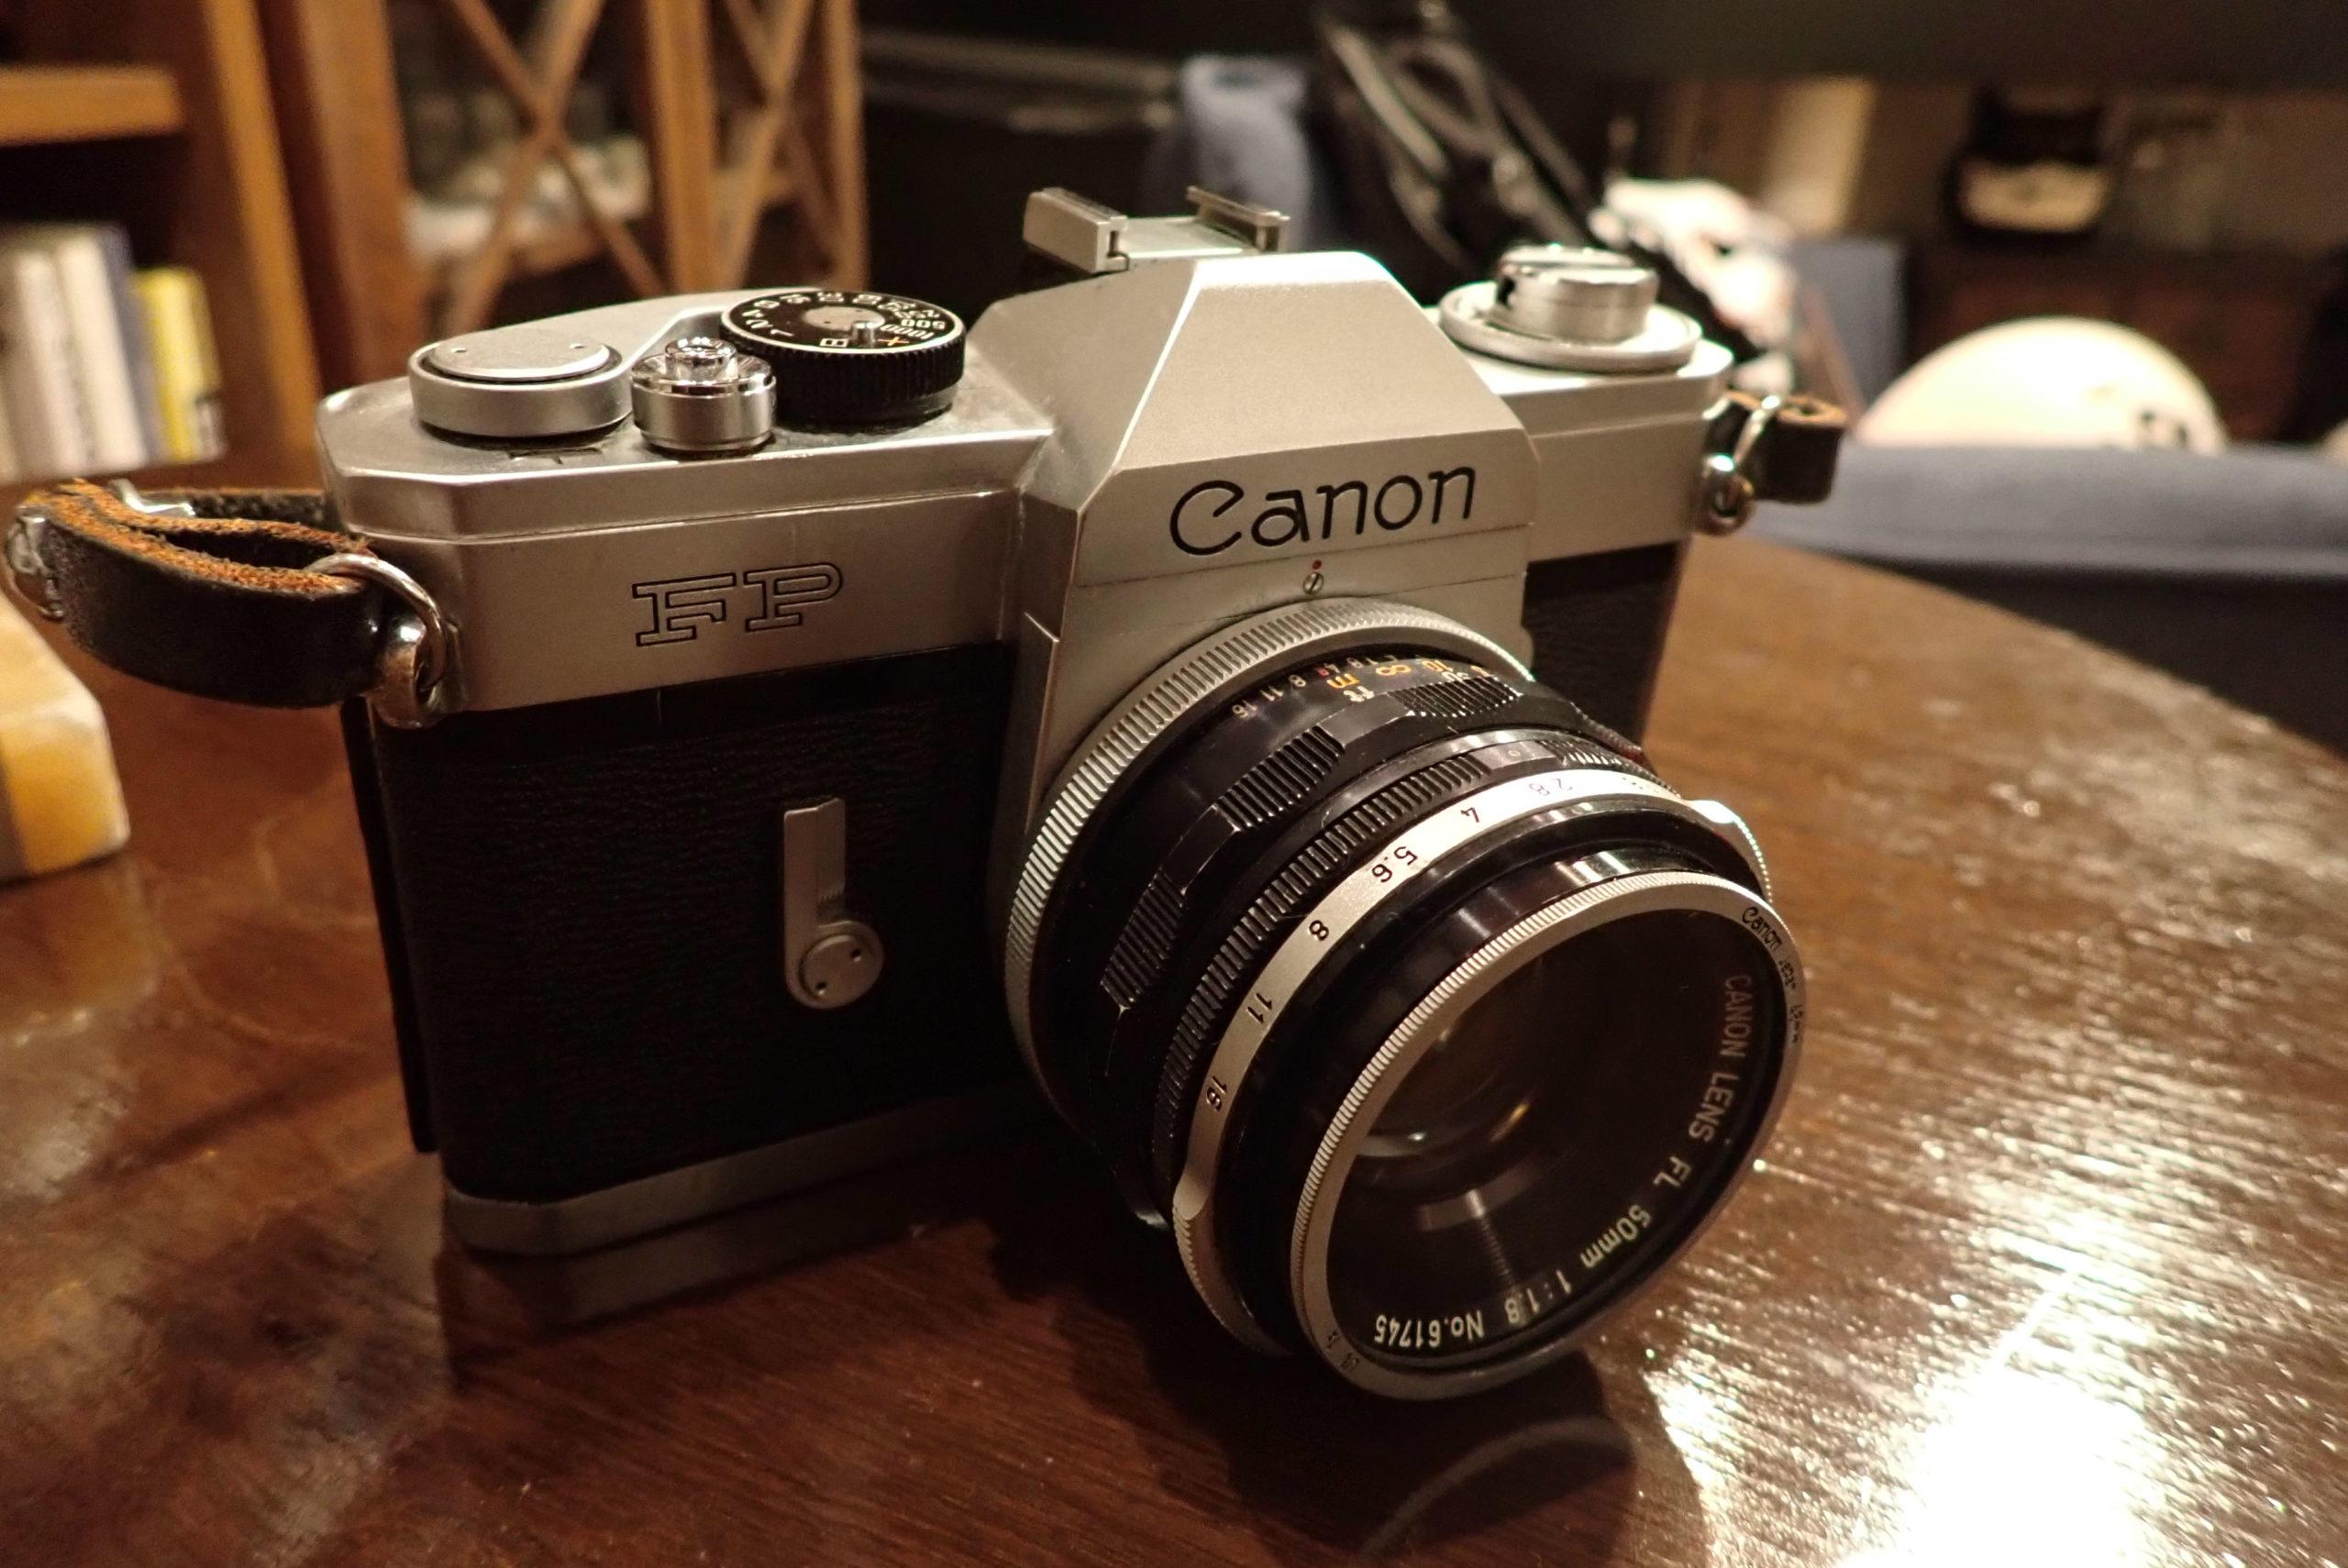 【キヤノン フィルムカメラ】Canon FP フィルムカメラを海外旅に持っていくべきか・・・?